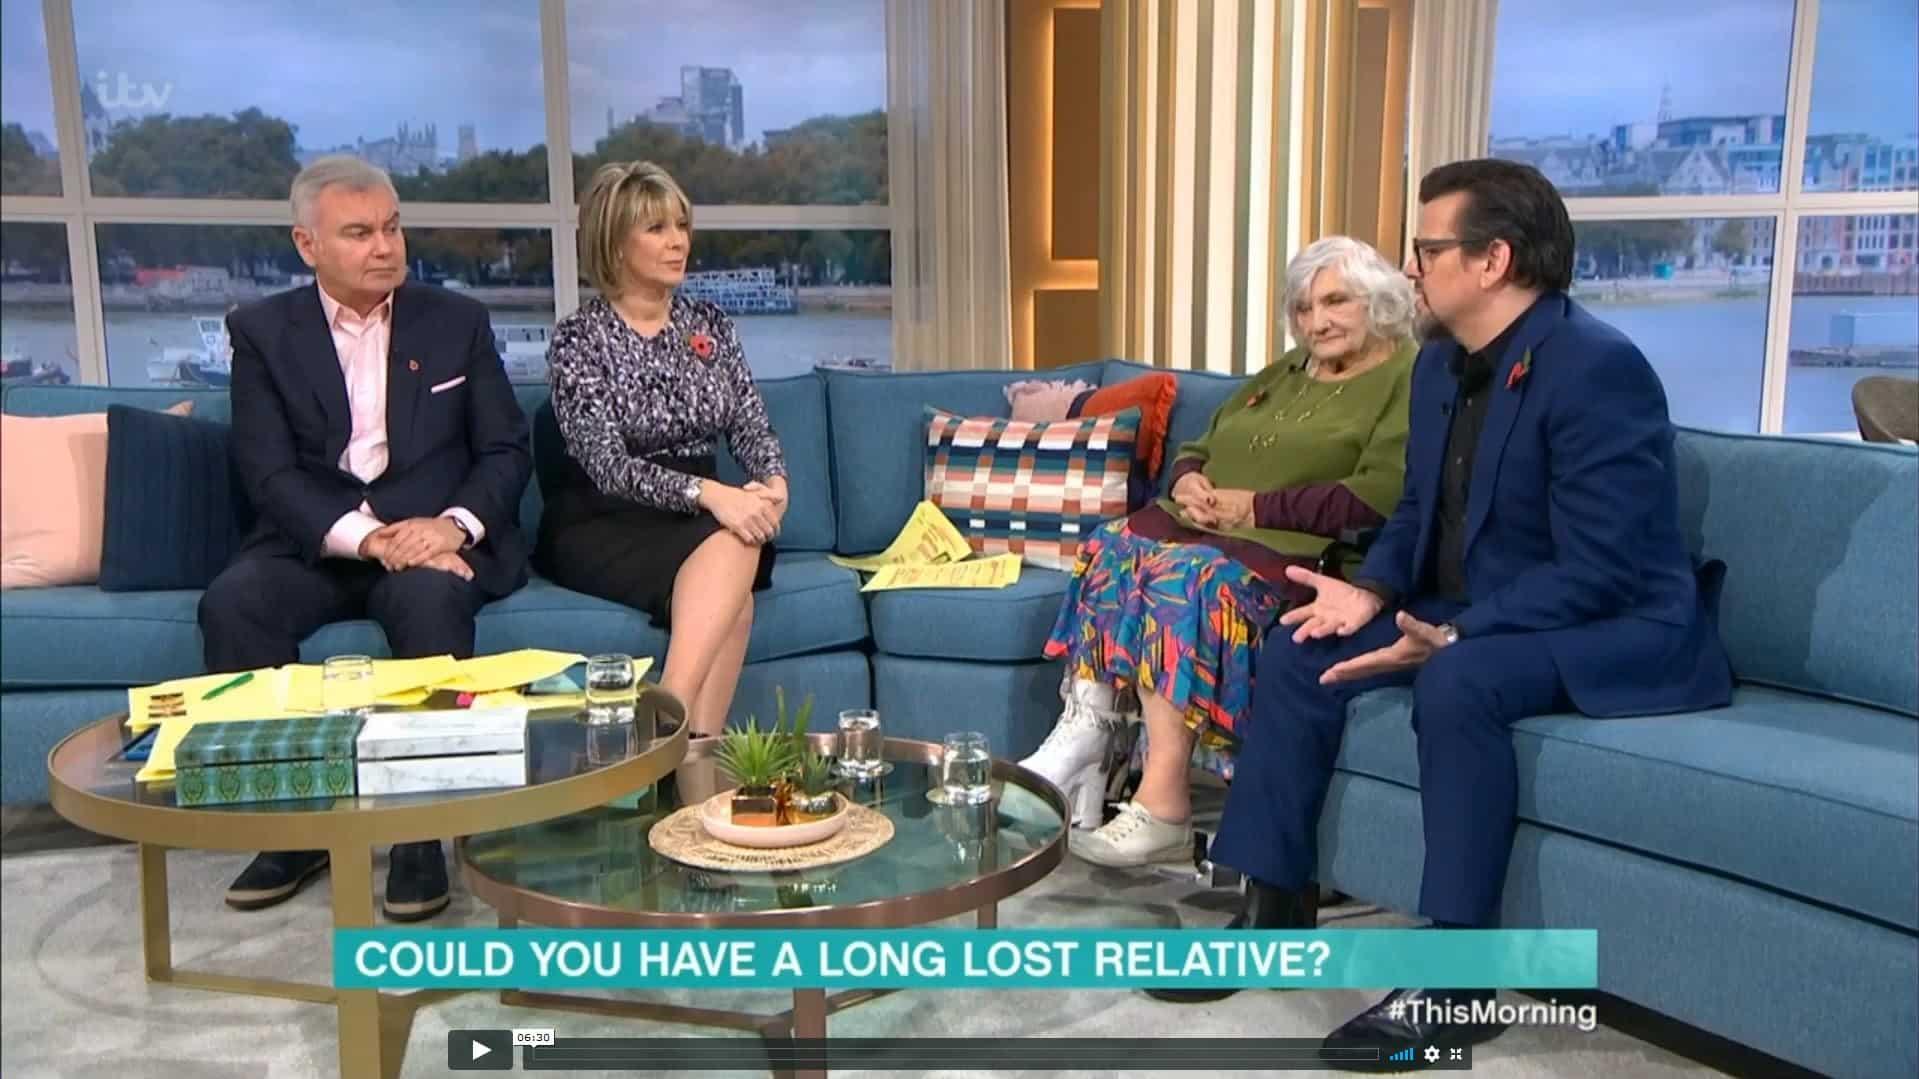 ITV - ce matin 08-11-19